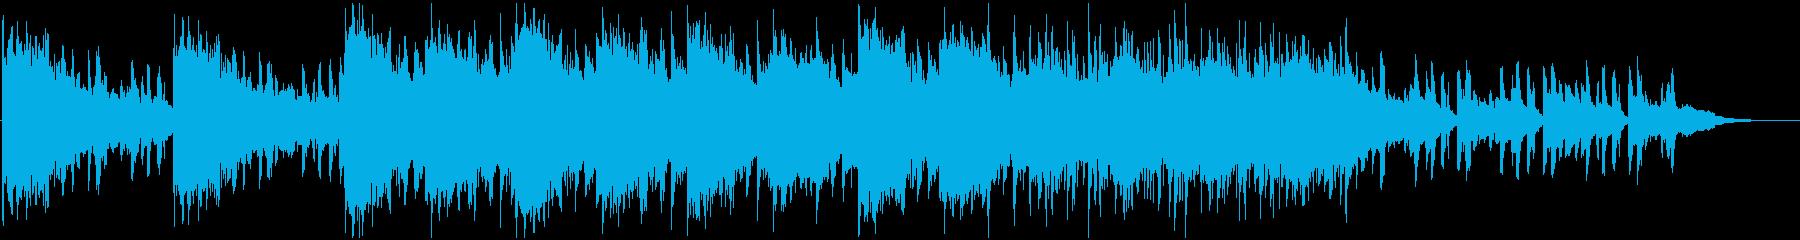 不気味で不穏なBGMの再生済みの波形